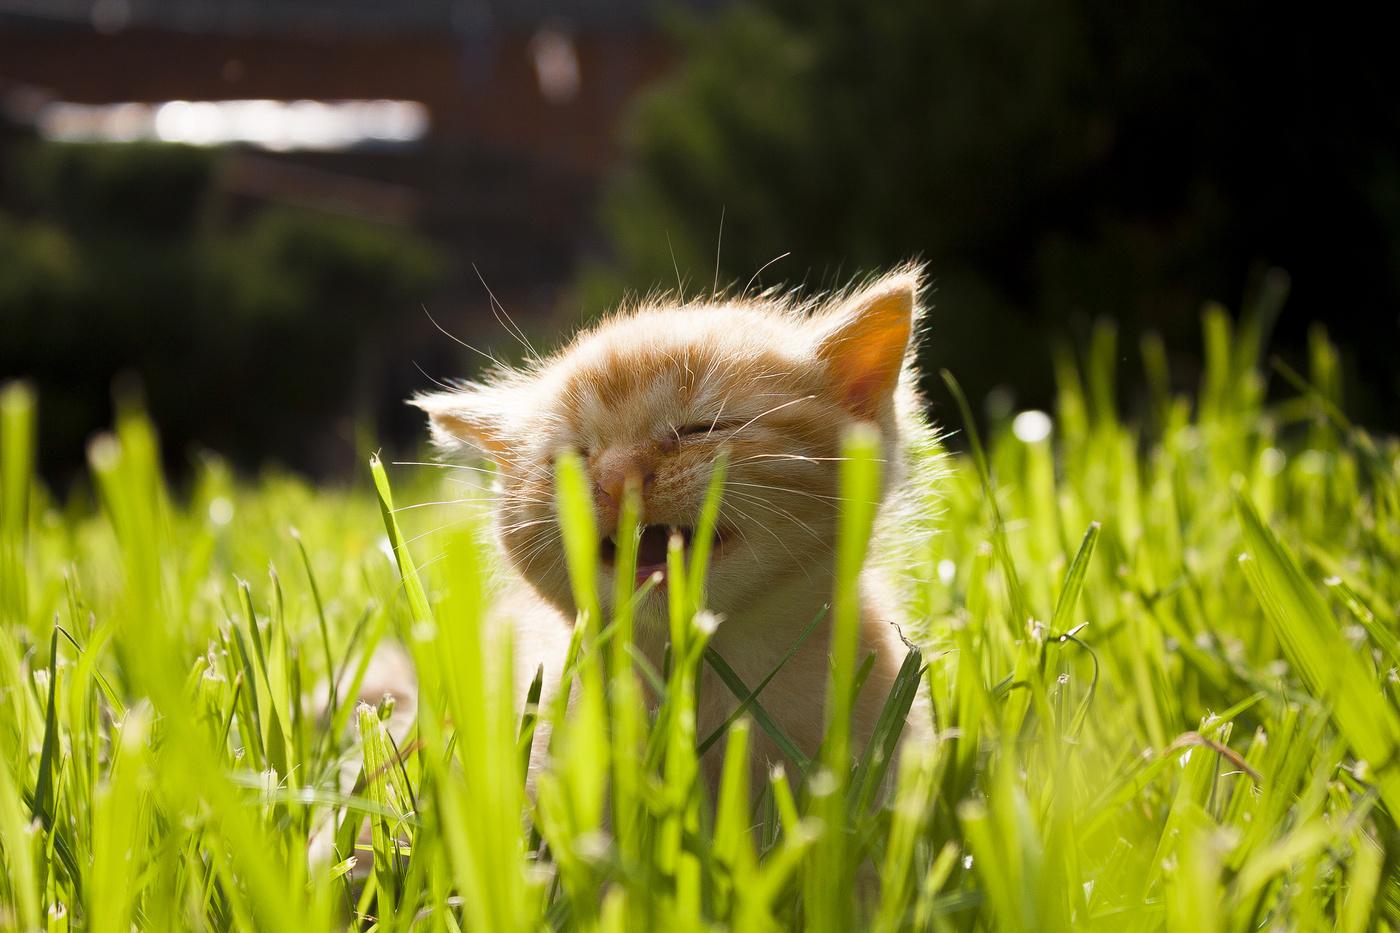 блин животные греются на солнышке фото меня